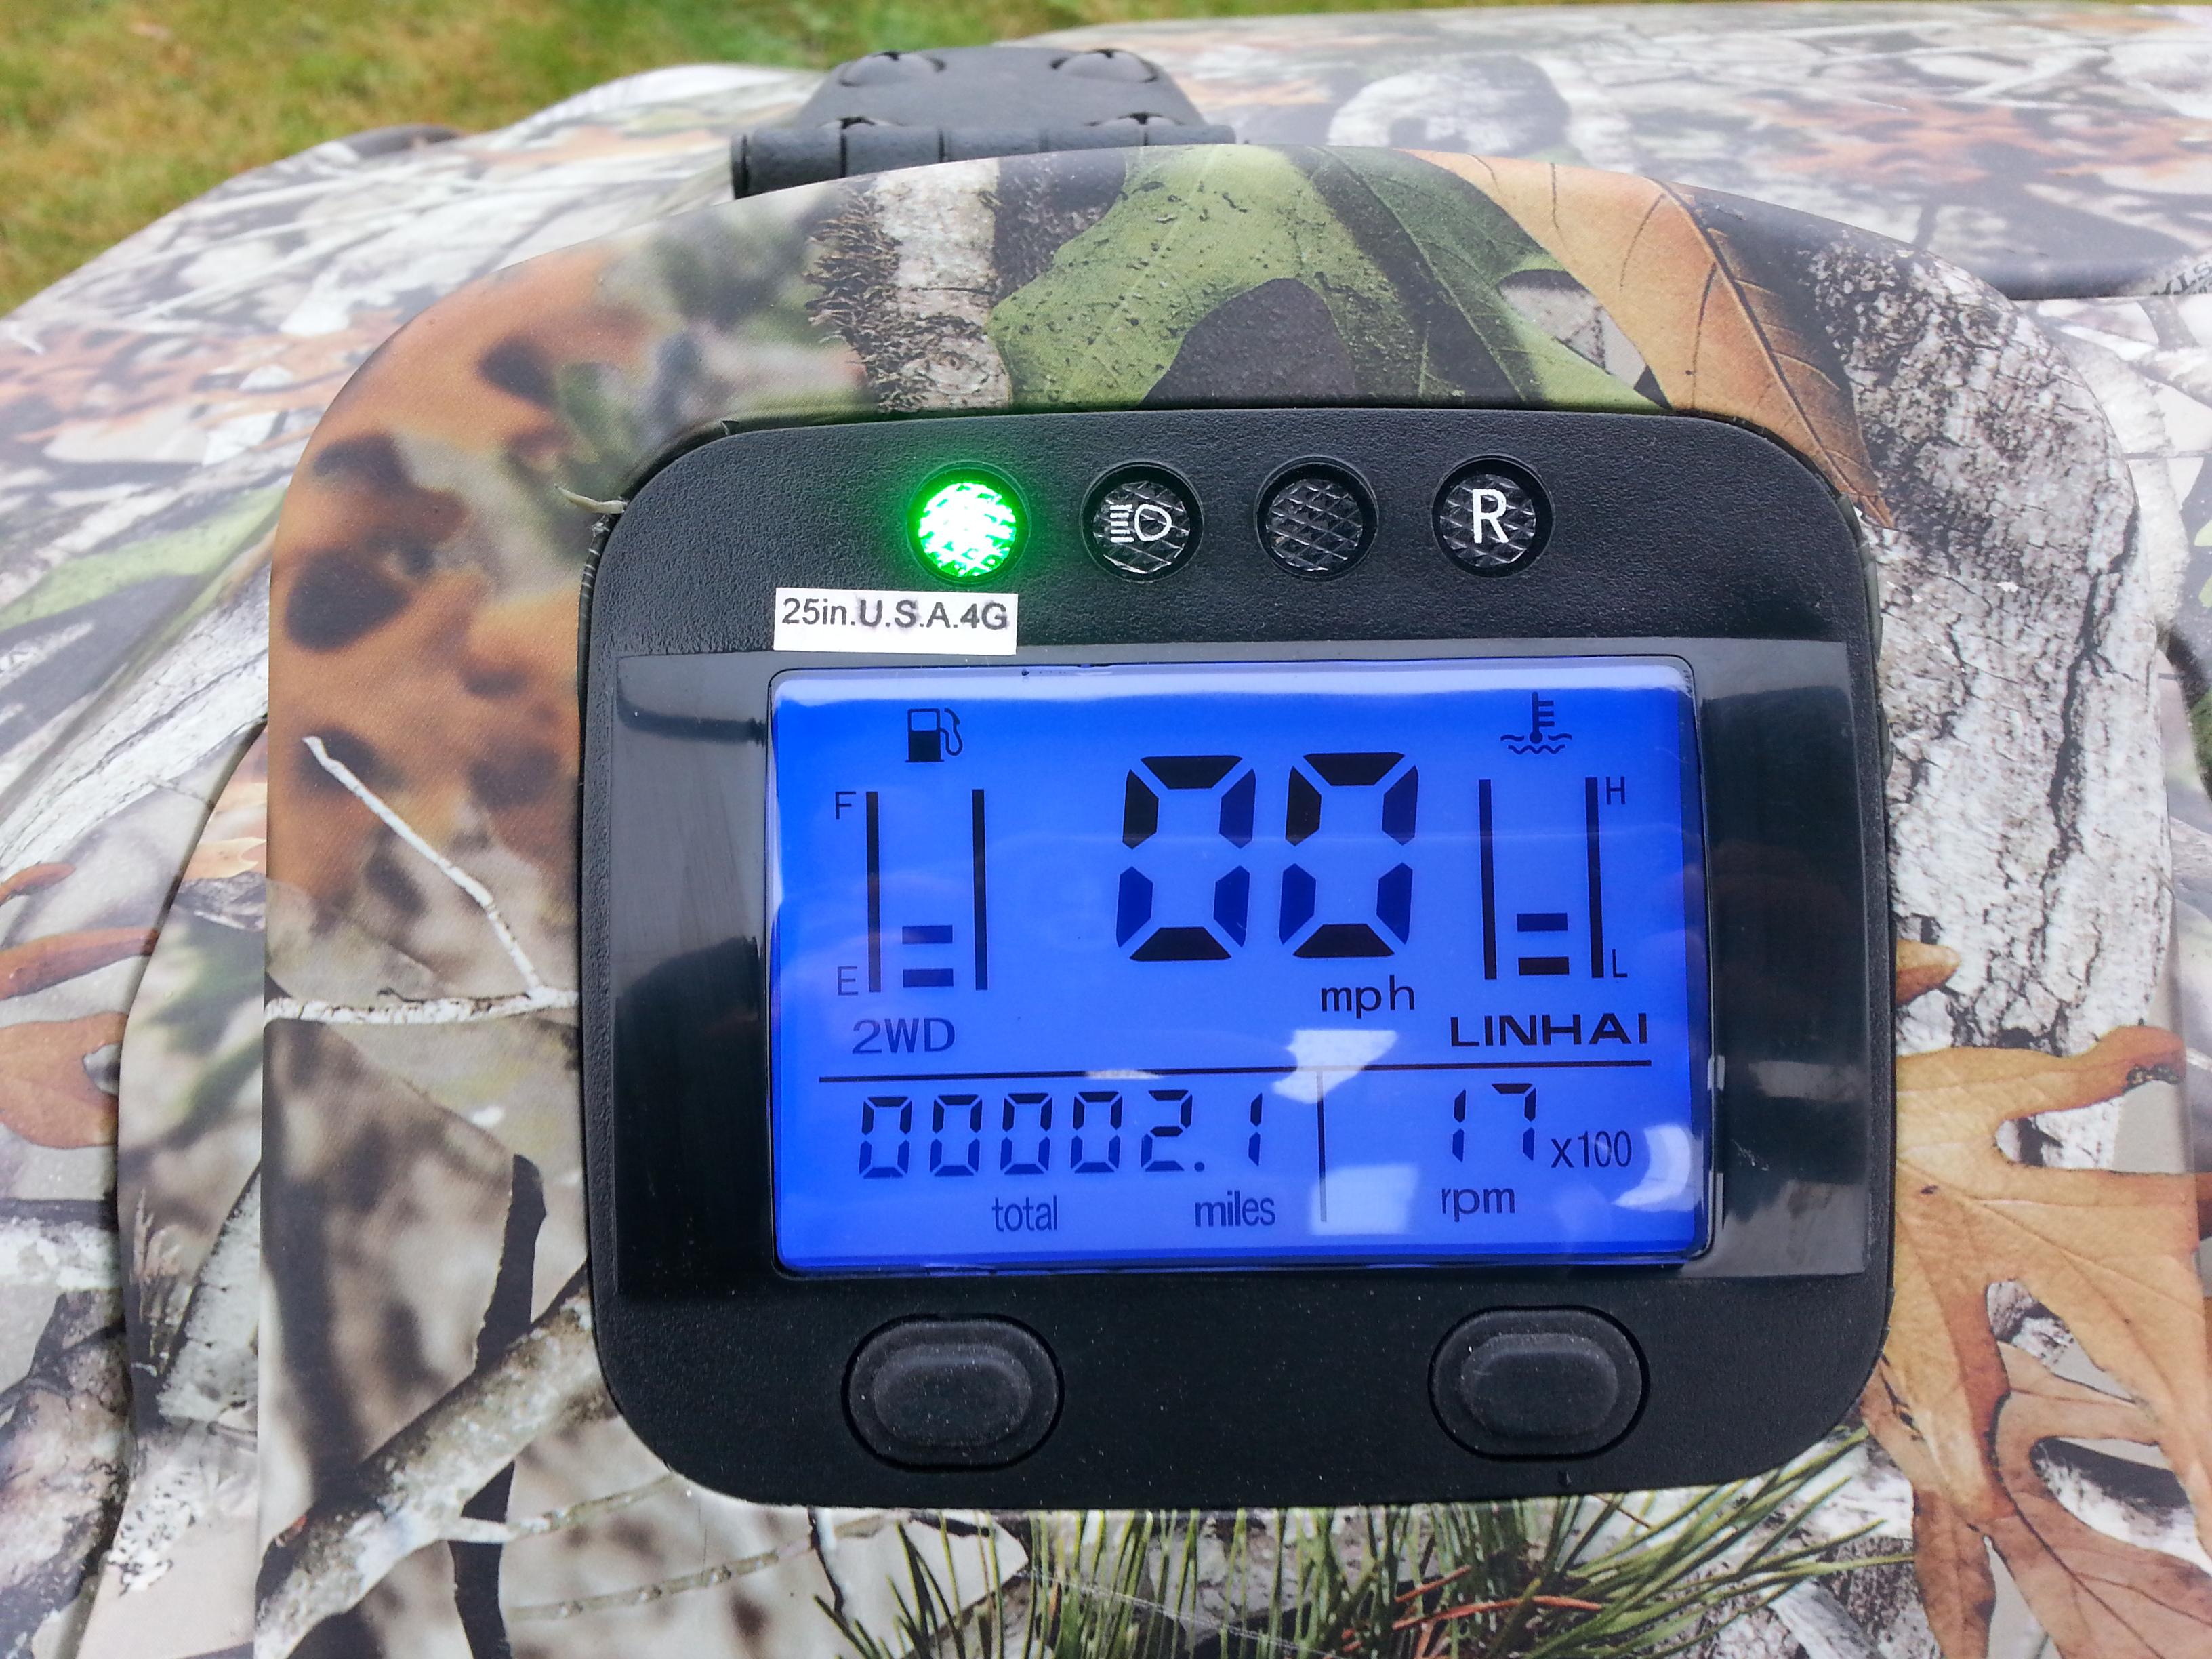 Linhai Bighorn 400 Irs 44 Utv Get The Max Out Of Life 400cc Atv Wiring Diagram